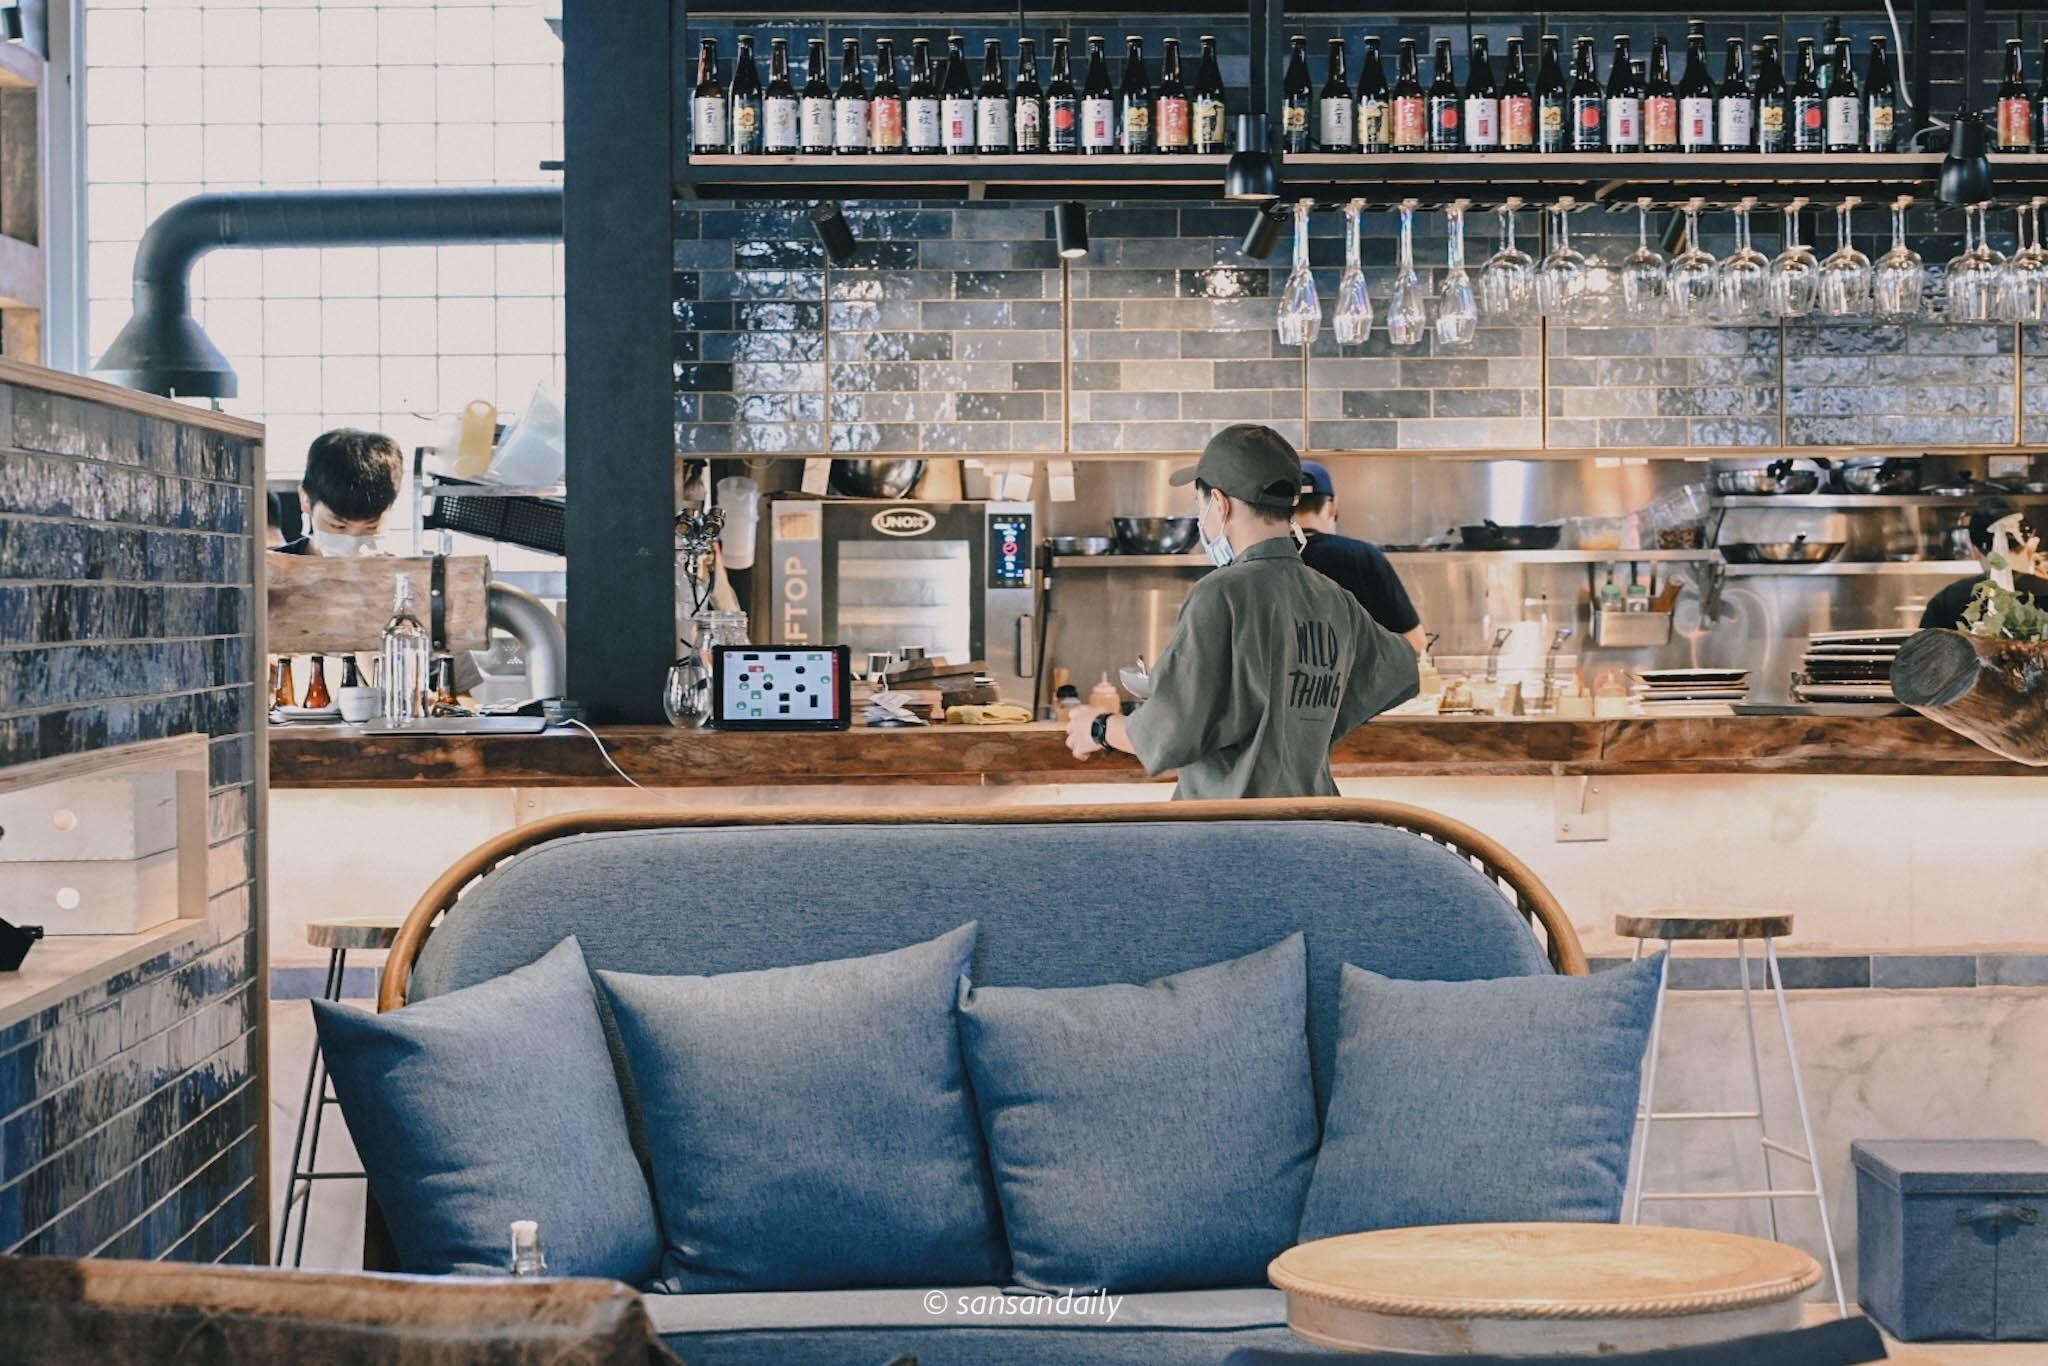 GUMGUM Beer & Wings雞翅酒吧內科店 雙人座沙發組特寫